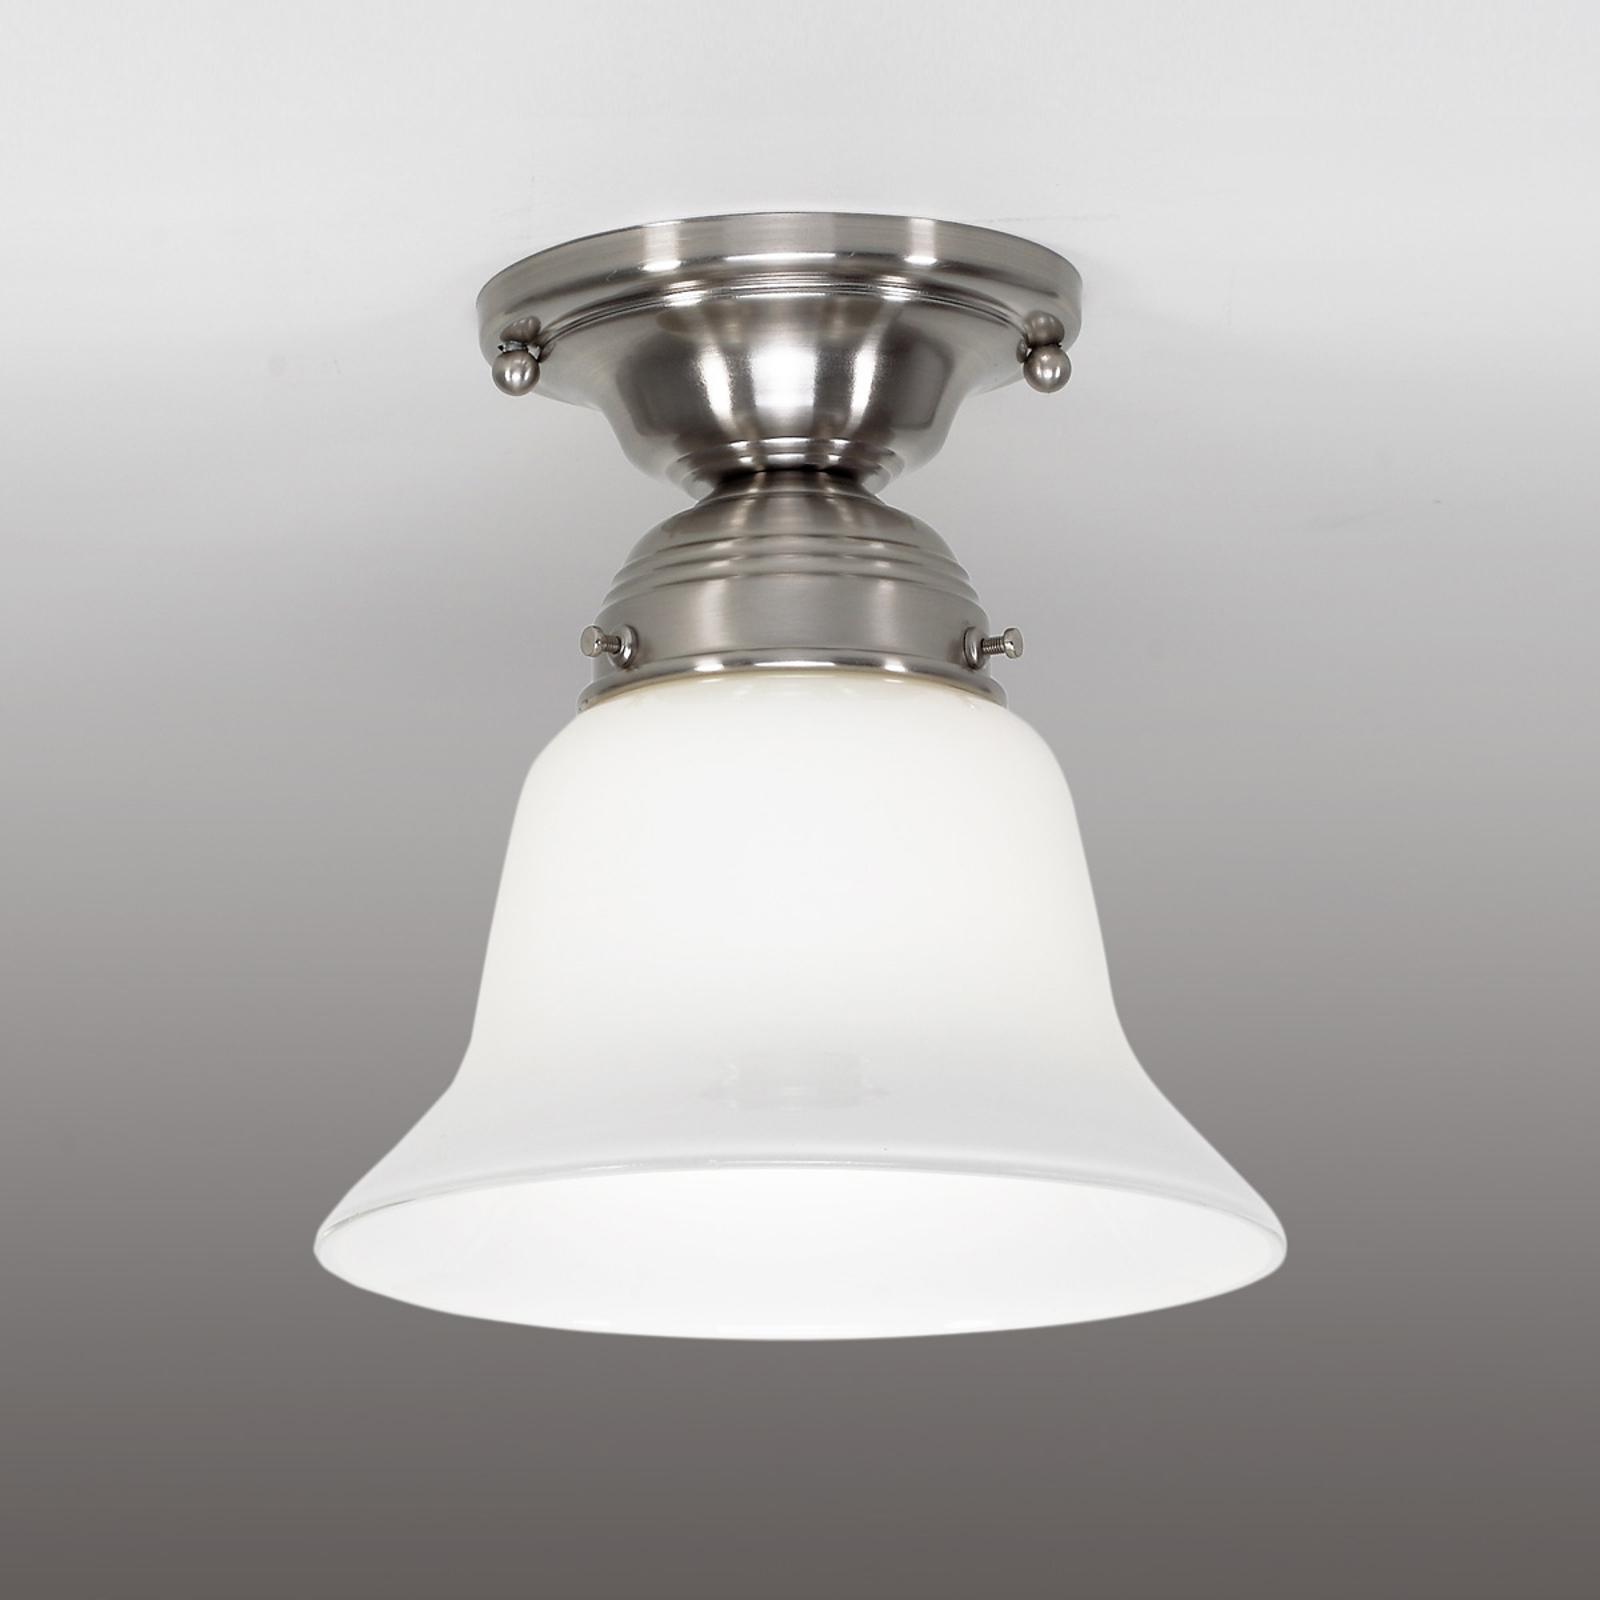 Lampa sufitowa ALENA, nikiel/mat.